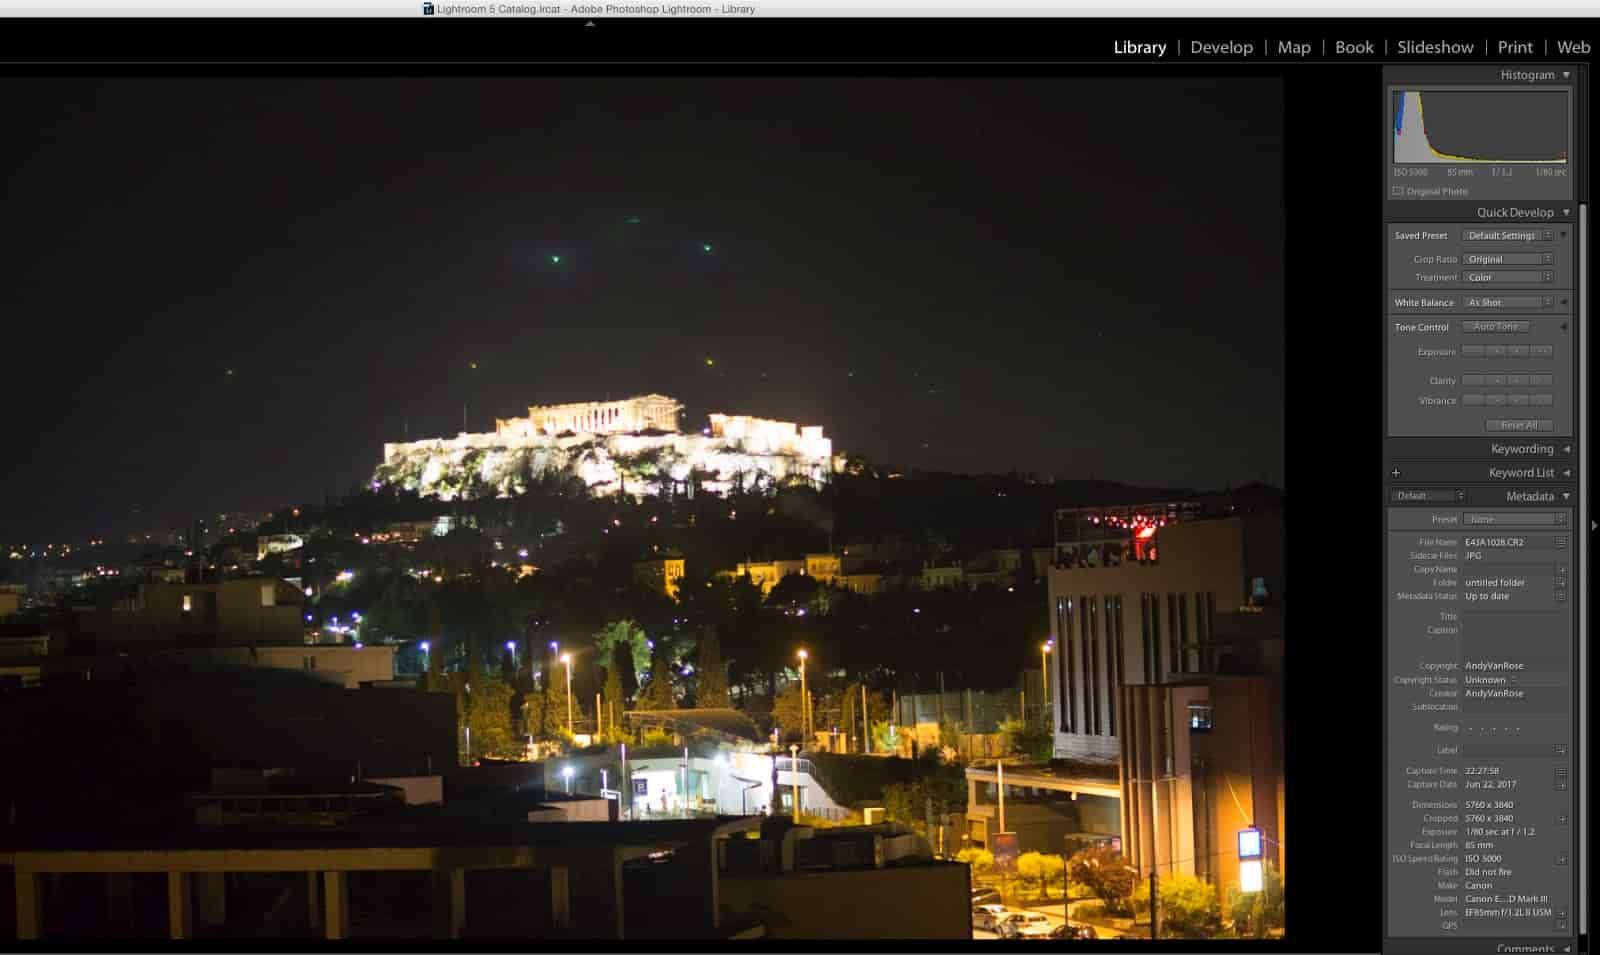 UFO Επάνω Από Τον Παρθενώνα! (εικόνες)